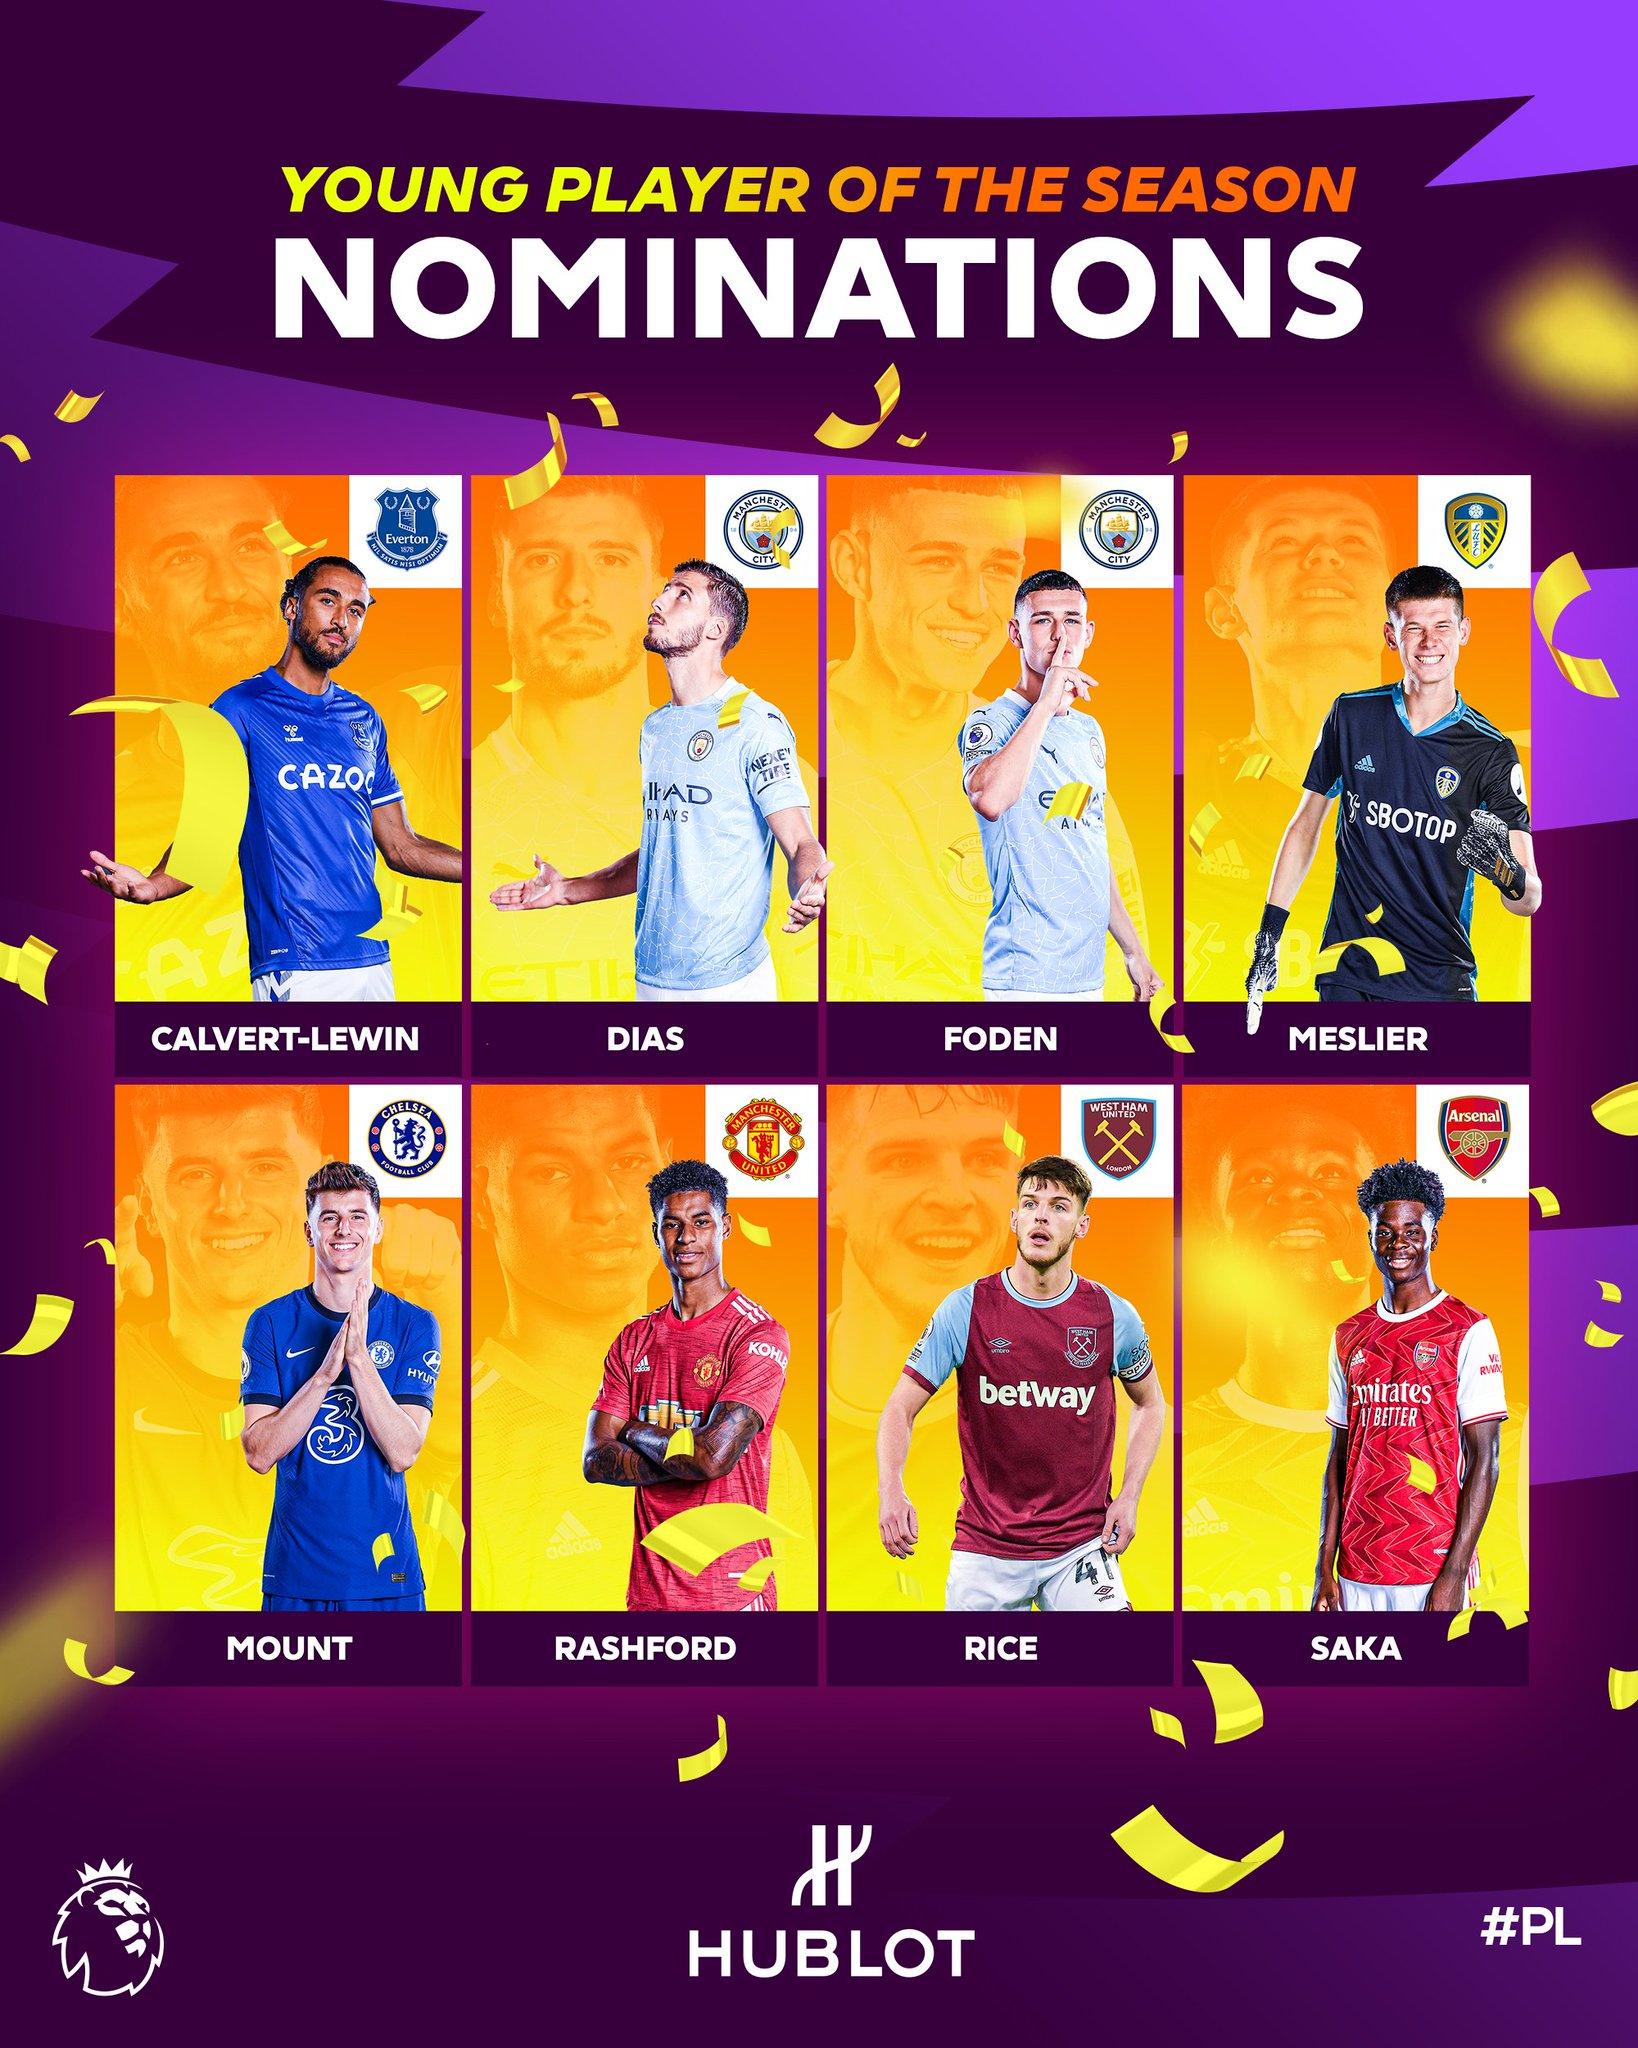 Bukayo Saka nominated for Young Player of the Season Award